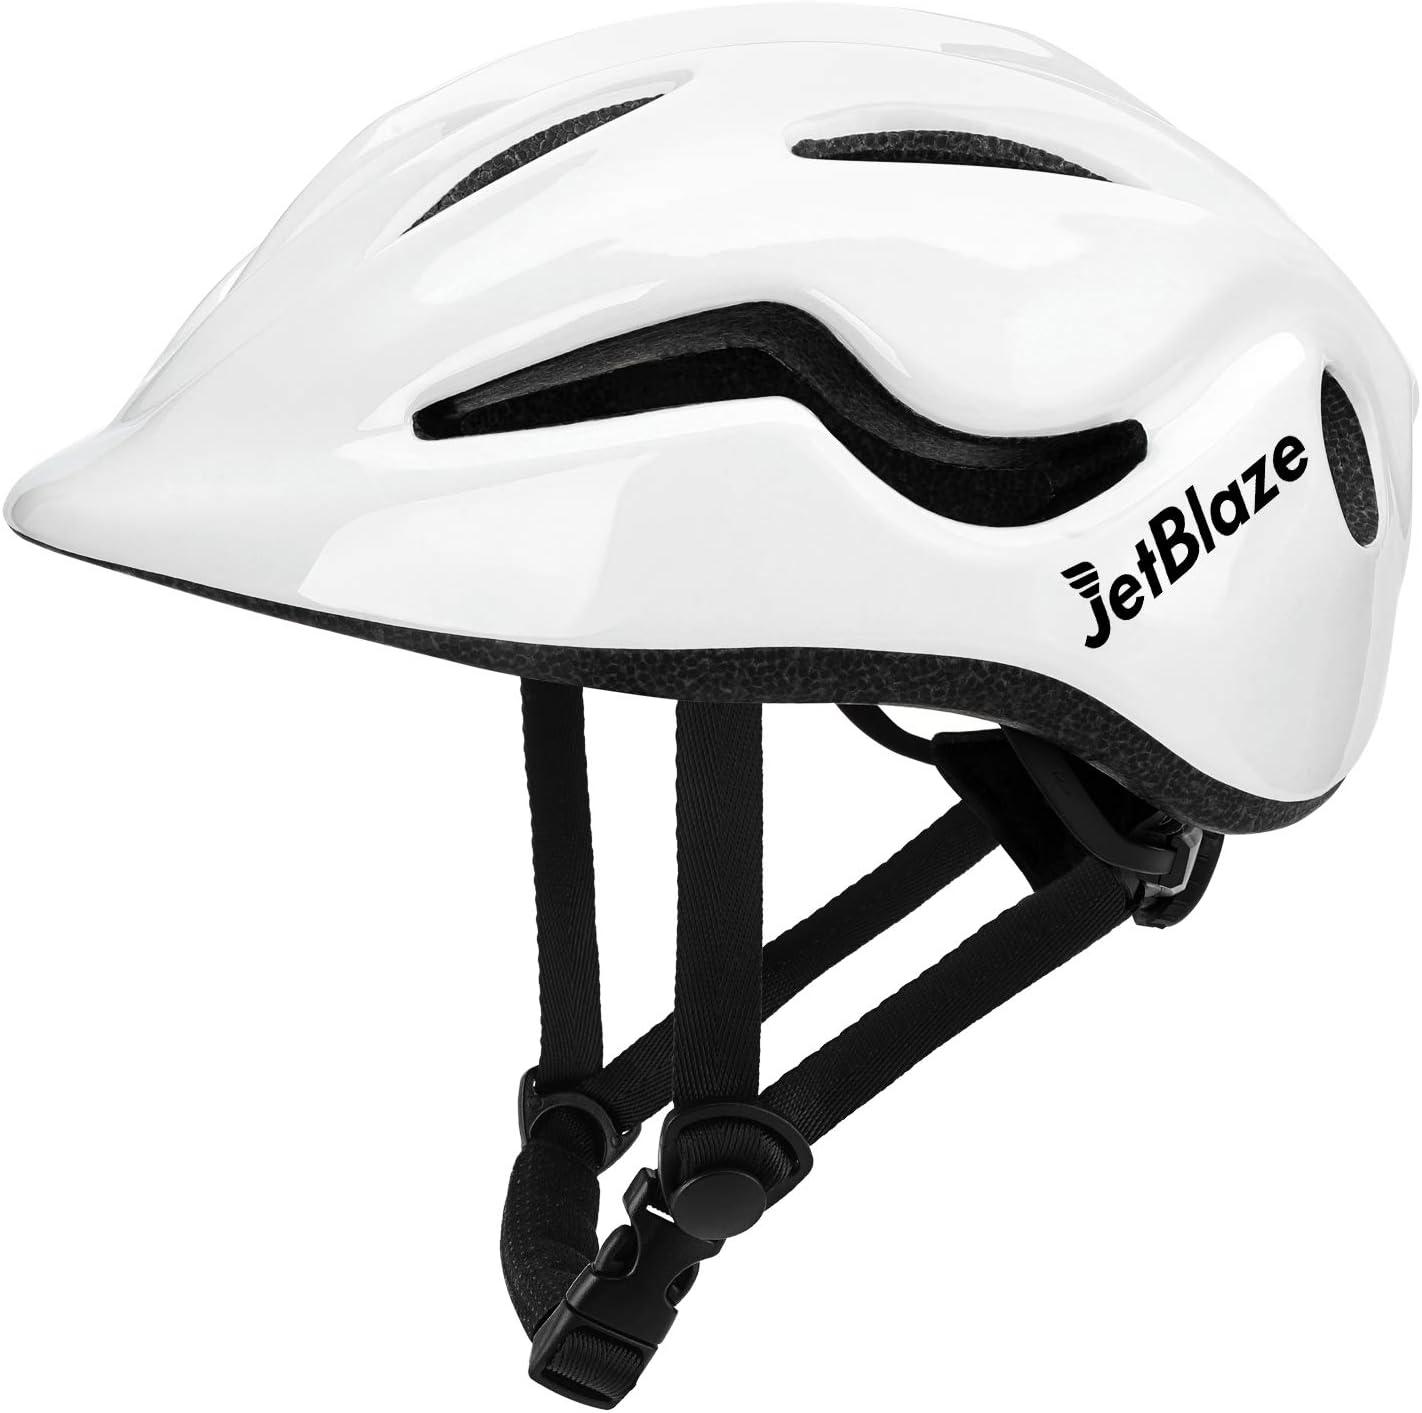 JetBlaze Kids Helmet, CPSC Certified Child Multi-Sport Helmet for Age 3-5